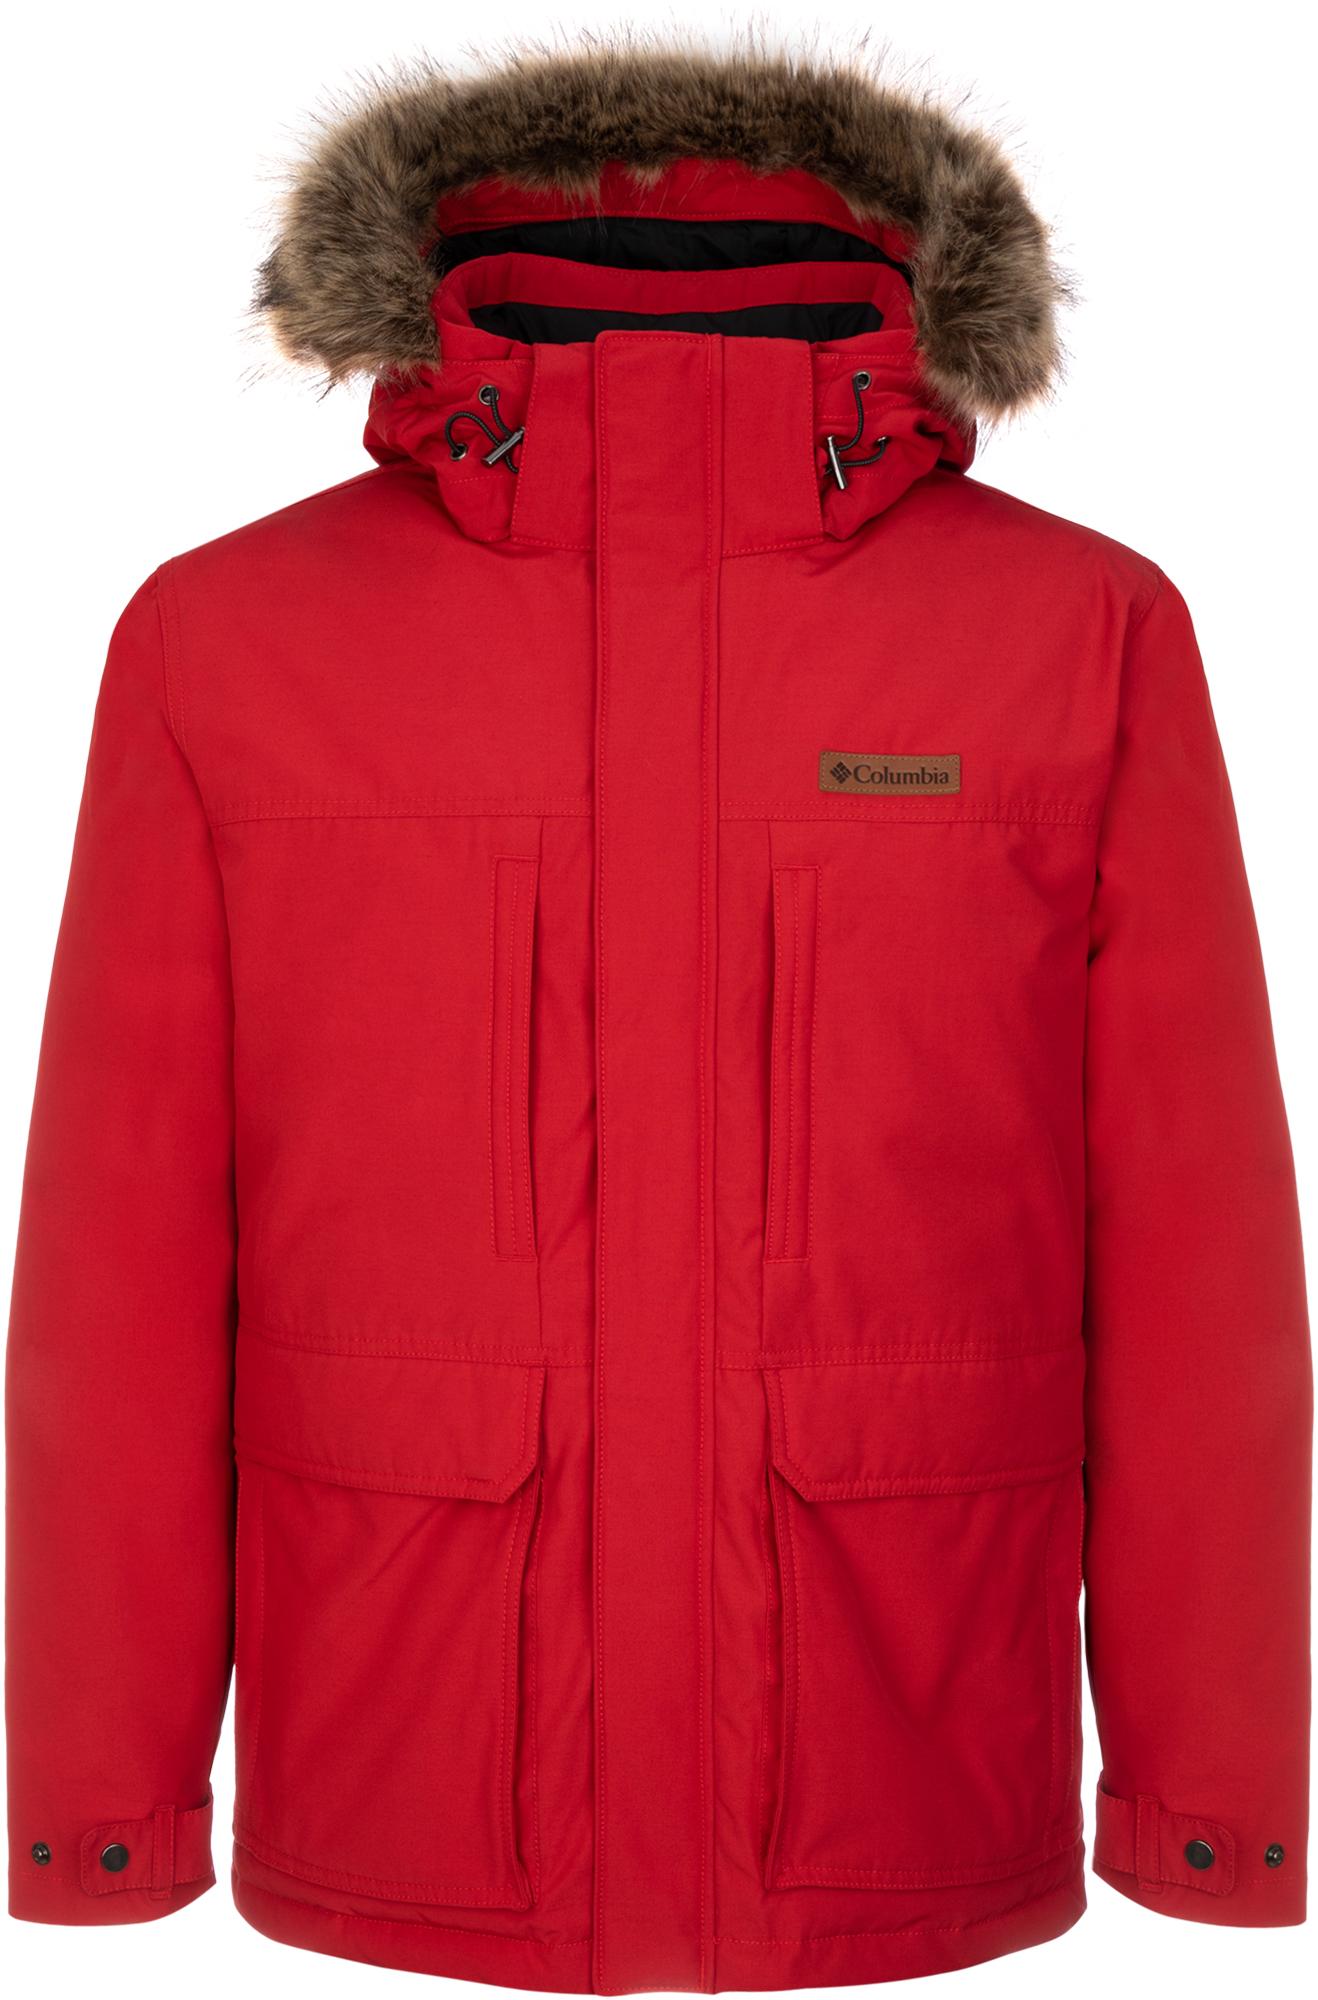 Фото - Columbia Куртка утепленная мужская Columbia Marquam Peak, размер 48-50 куртка утепленная columbia columbia co214emgevw0